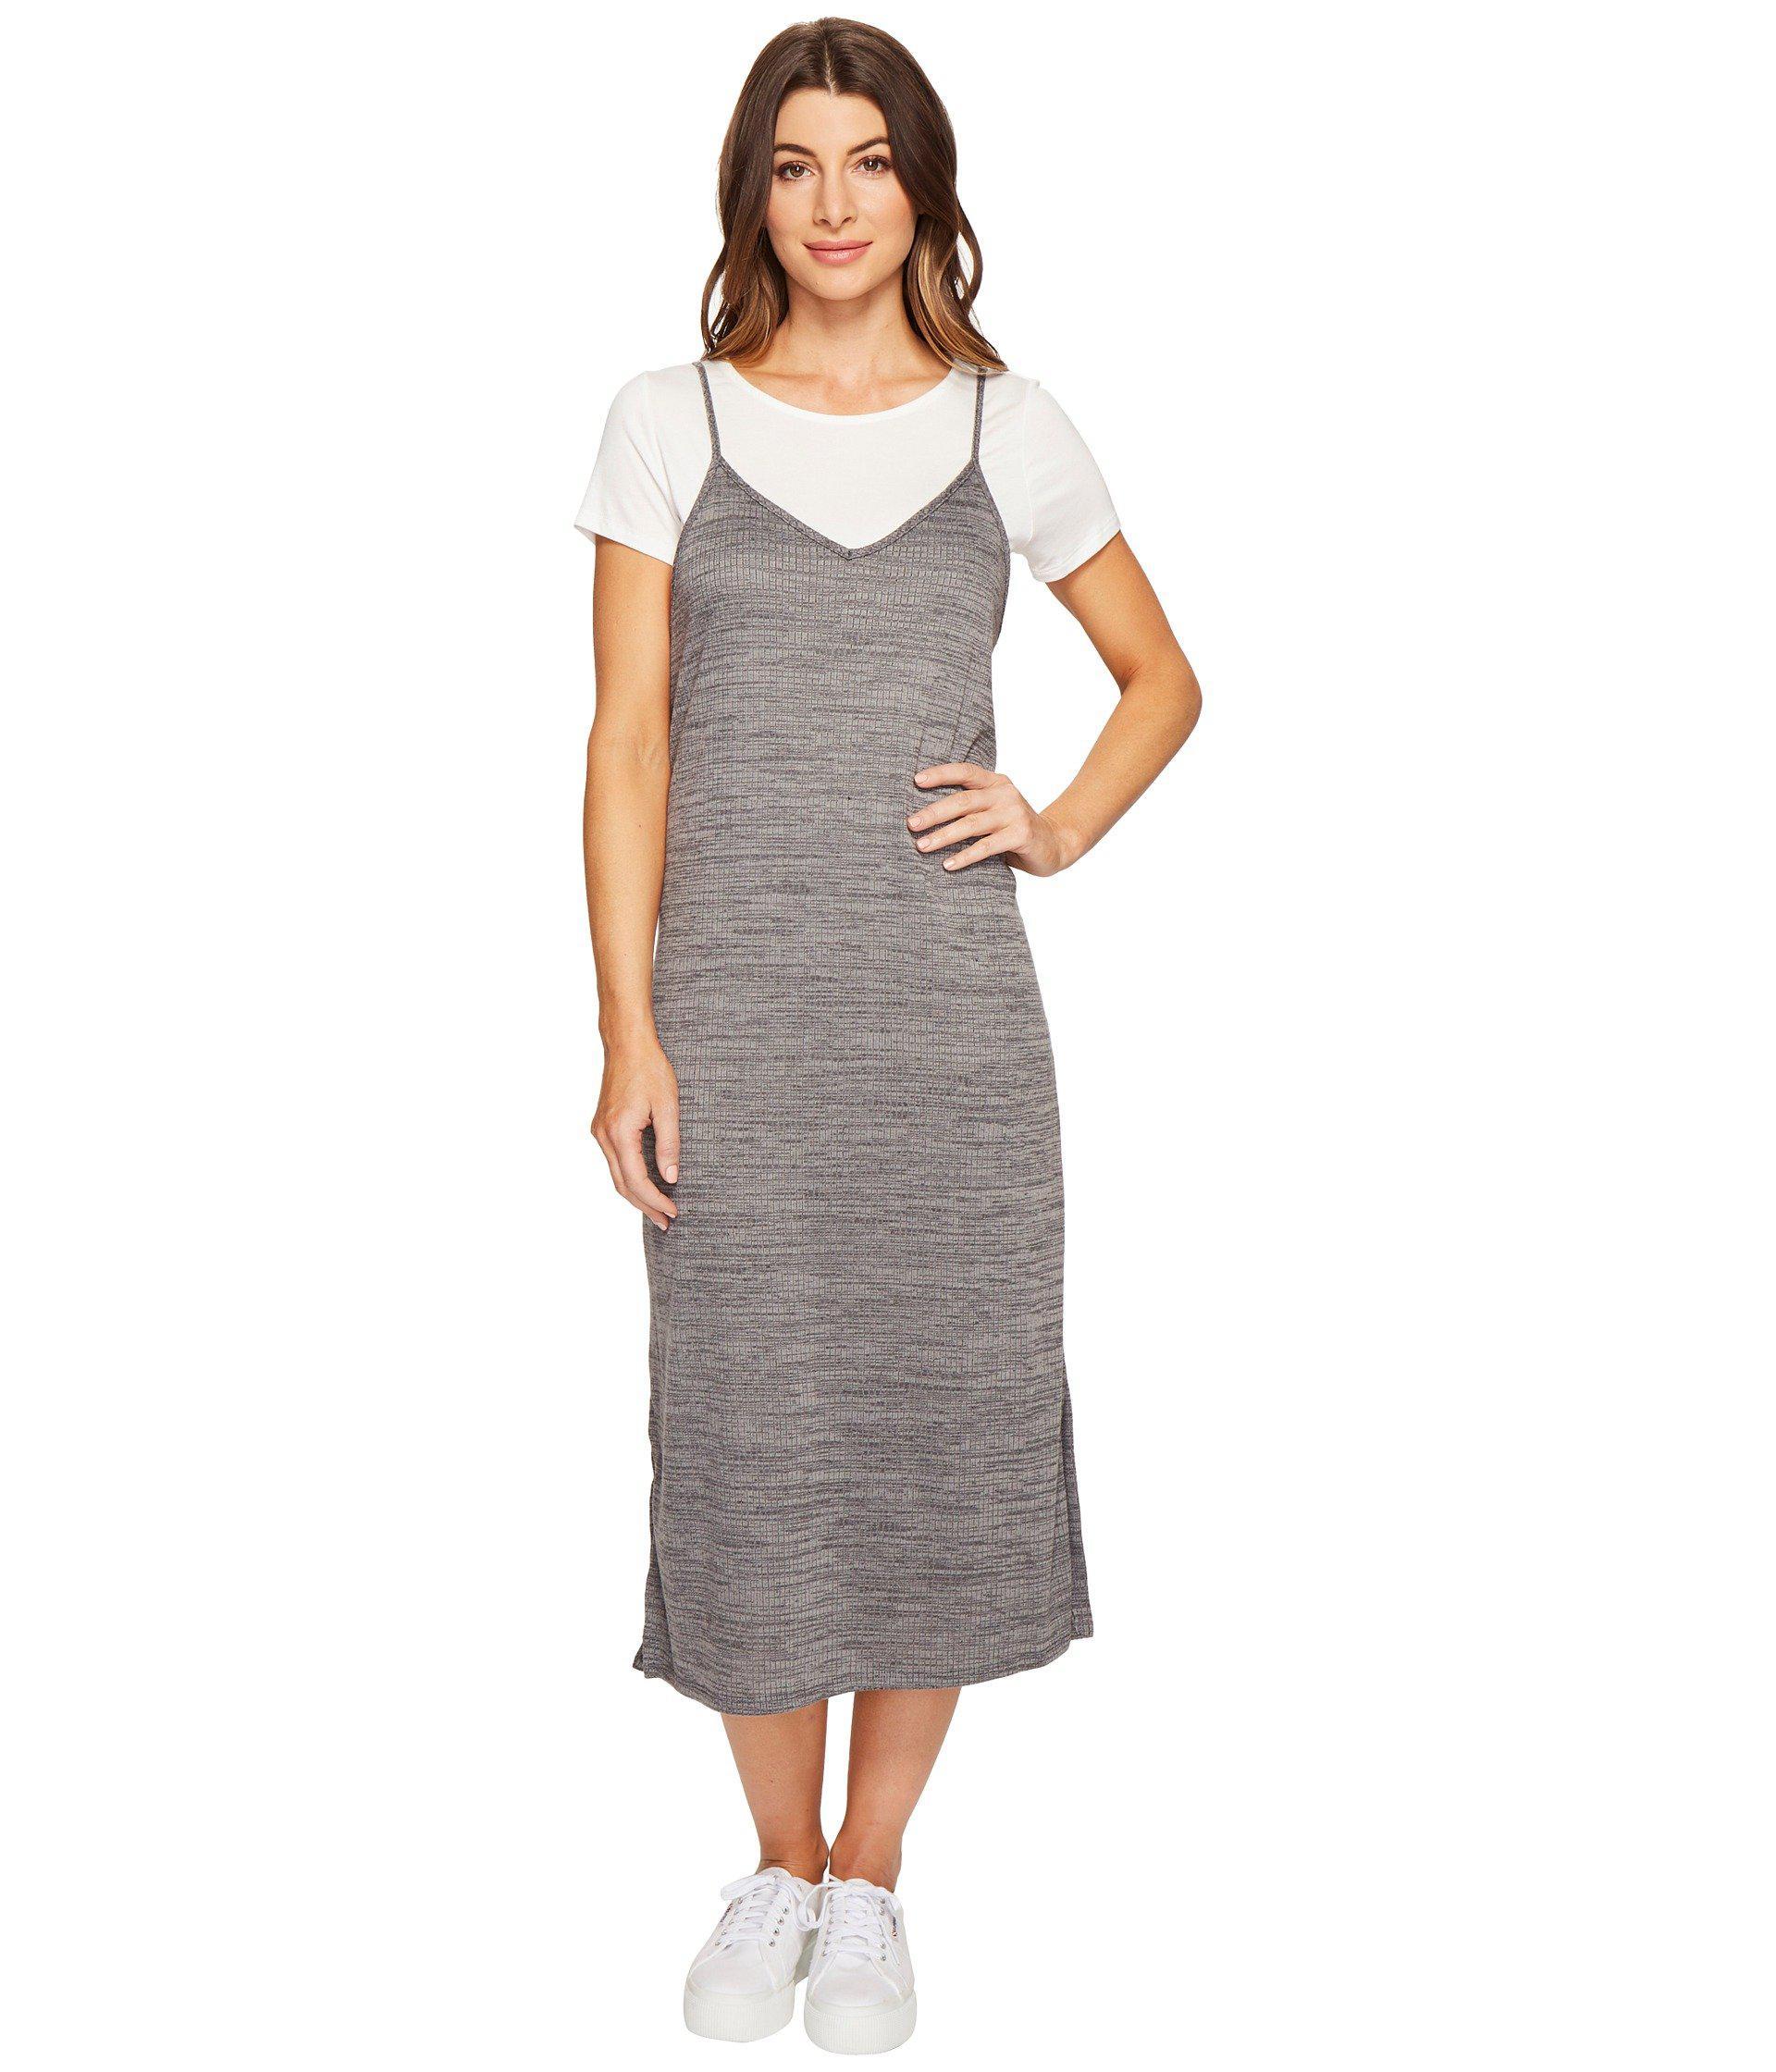 e2e0011a6c5a3 Lyst - Culture Phit Alessia Spaghetti Strap T-shirt Maxi Dress in Gray